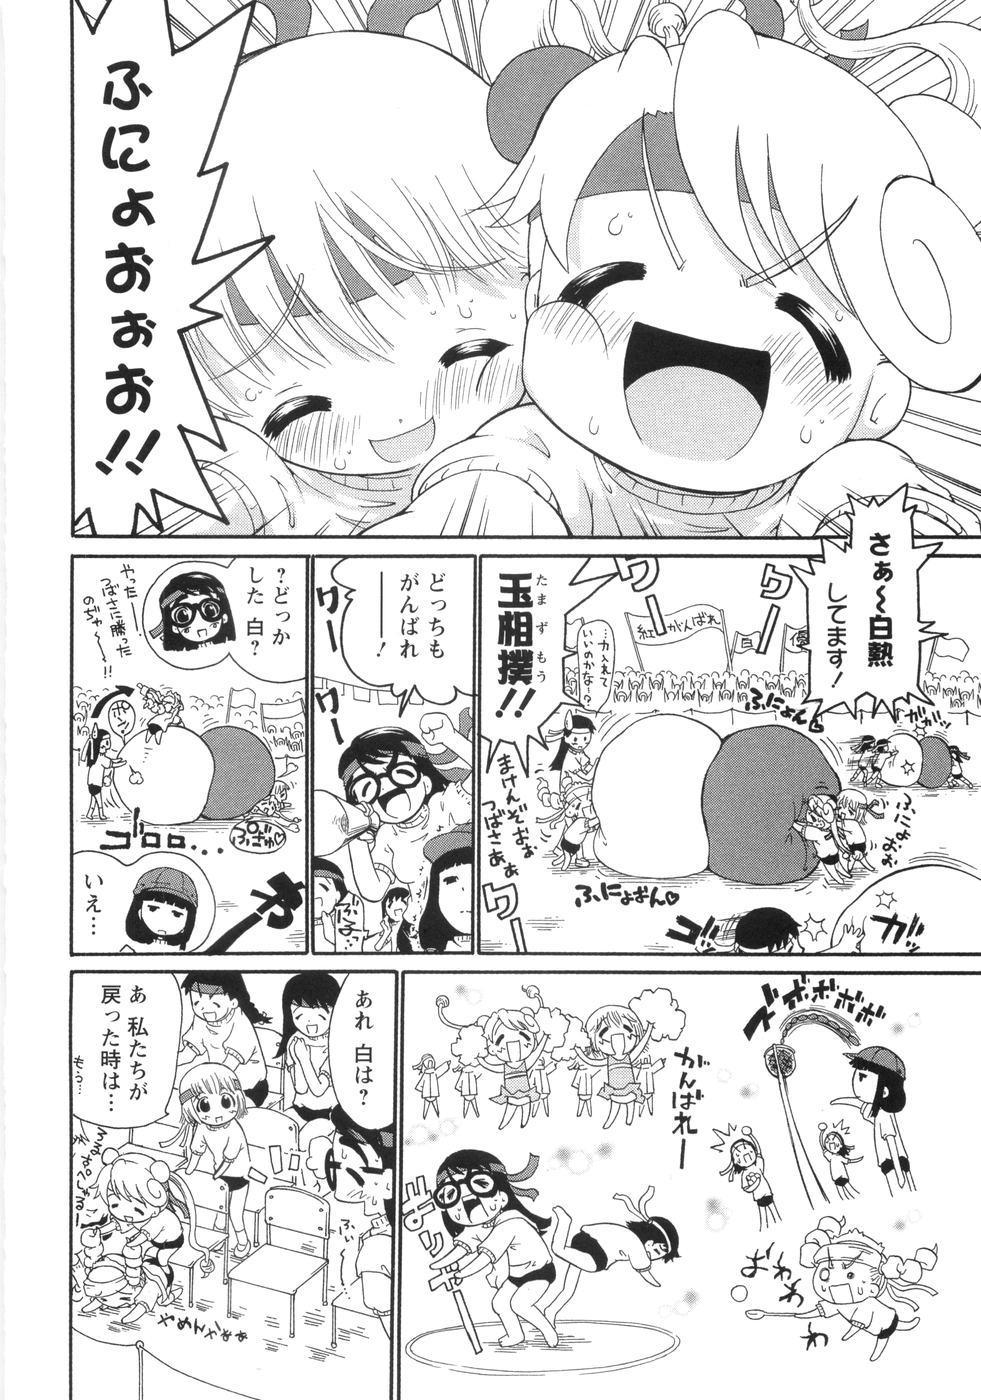 0 PULL TOWN Gakuen e Youkoso! 128